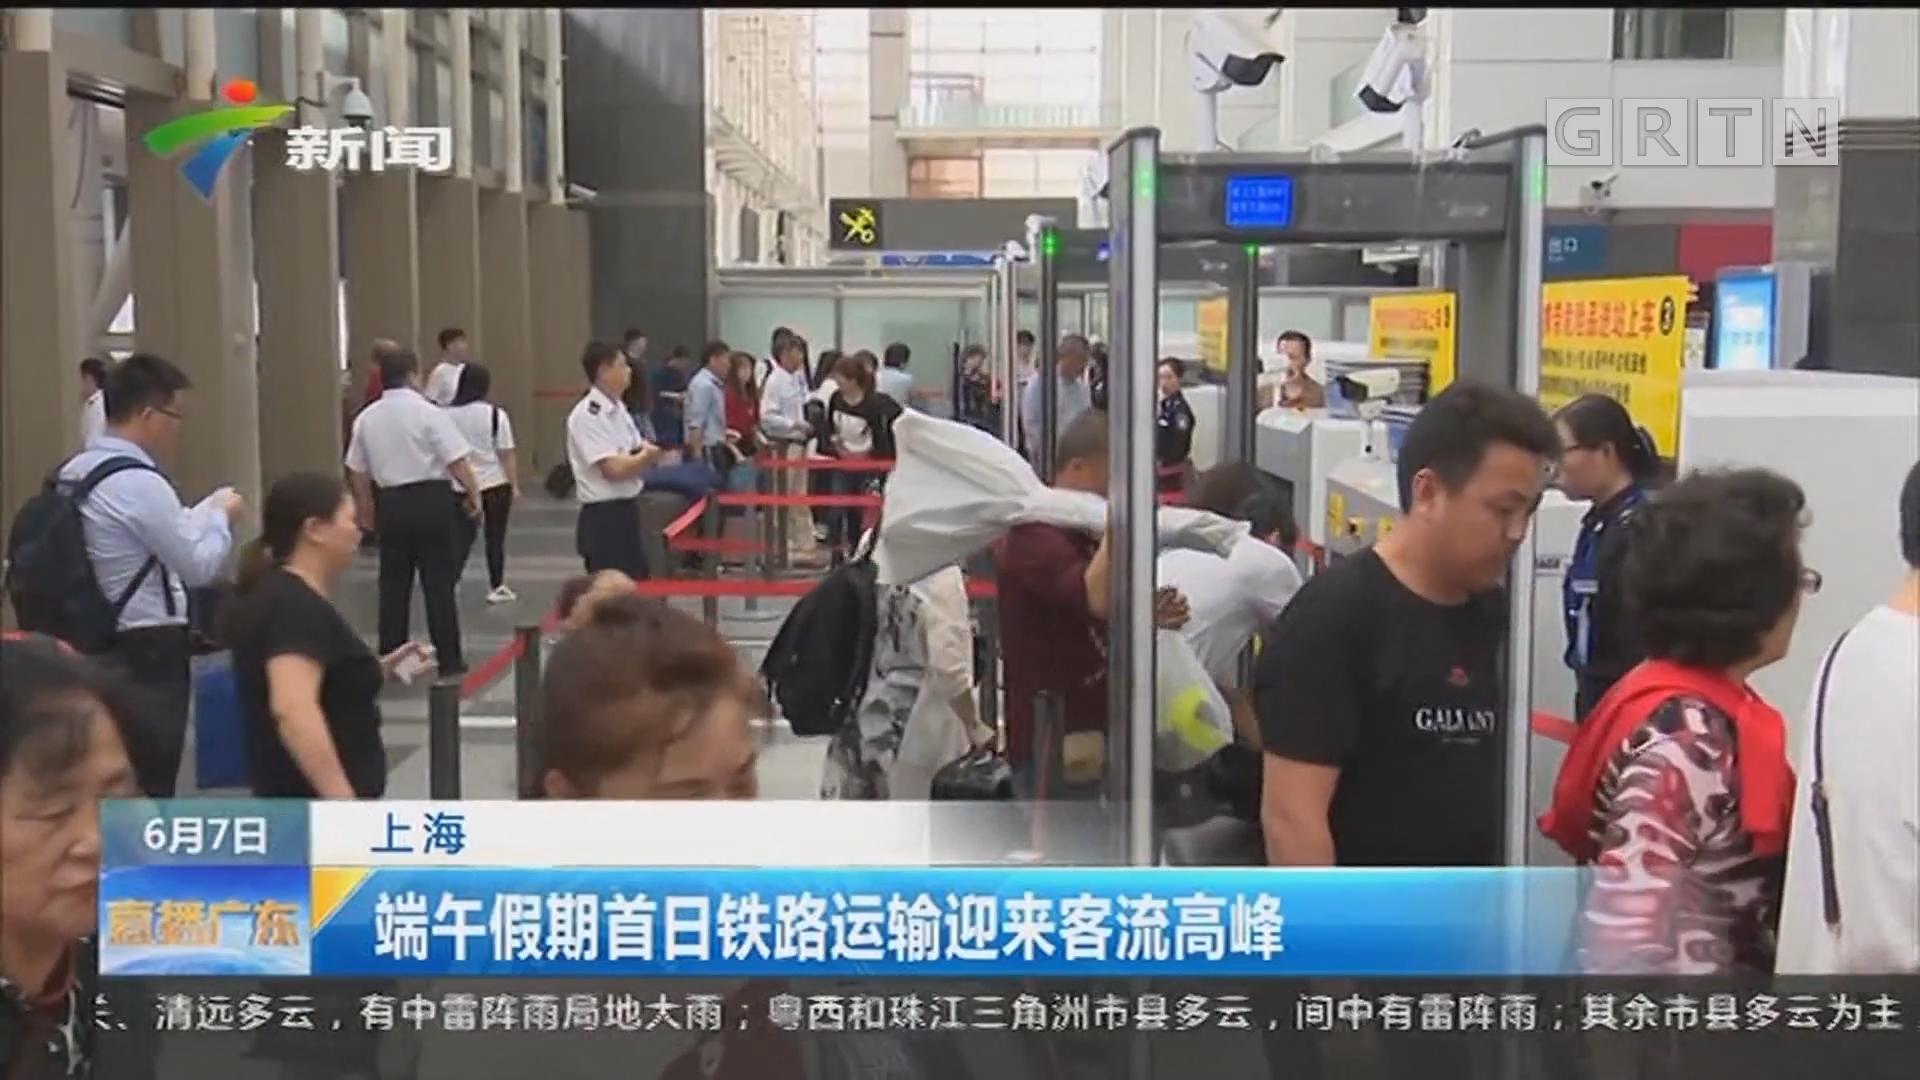 上海:端午假期首日铁路运输迎来客流高峰